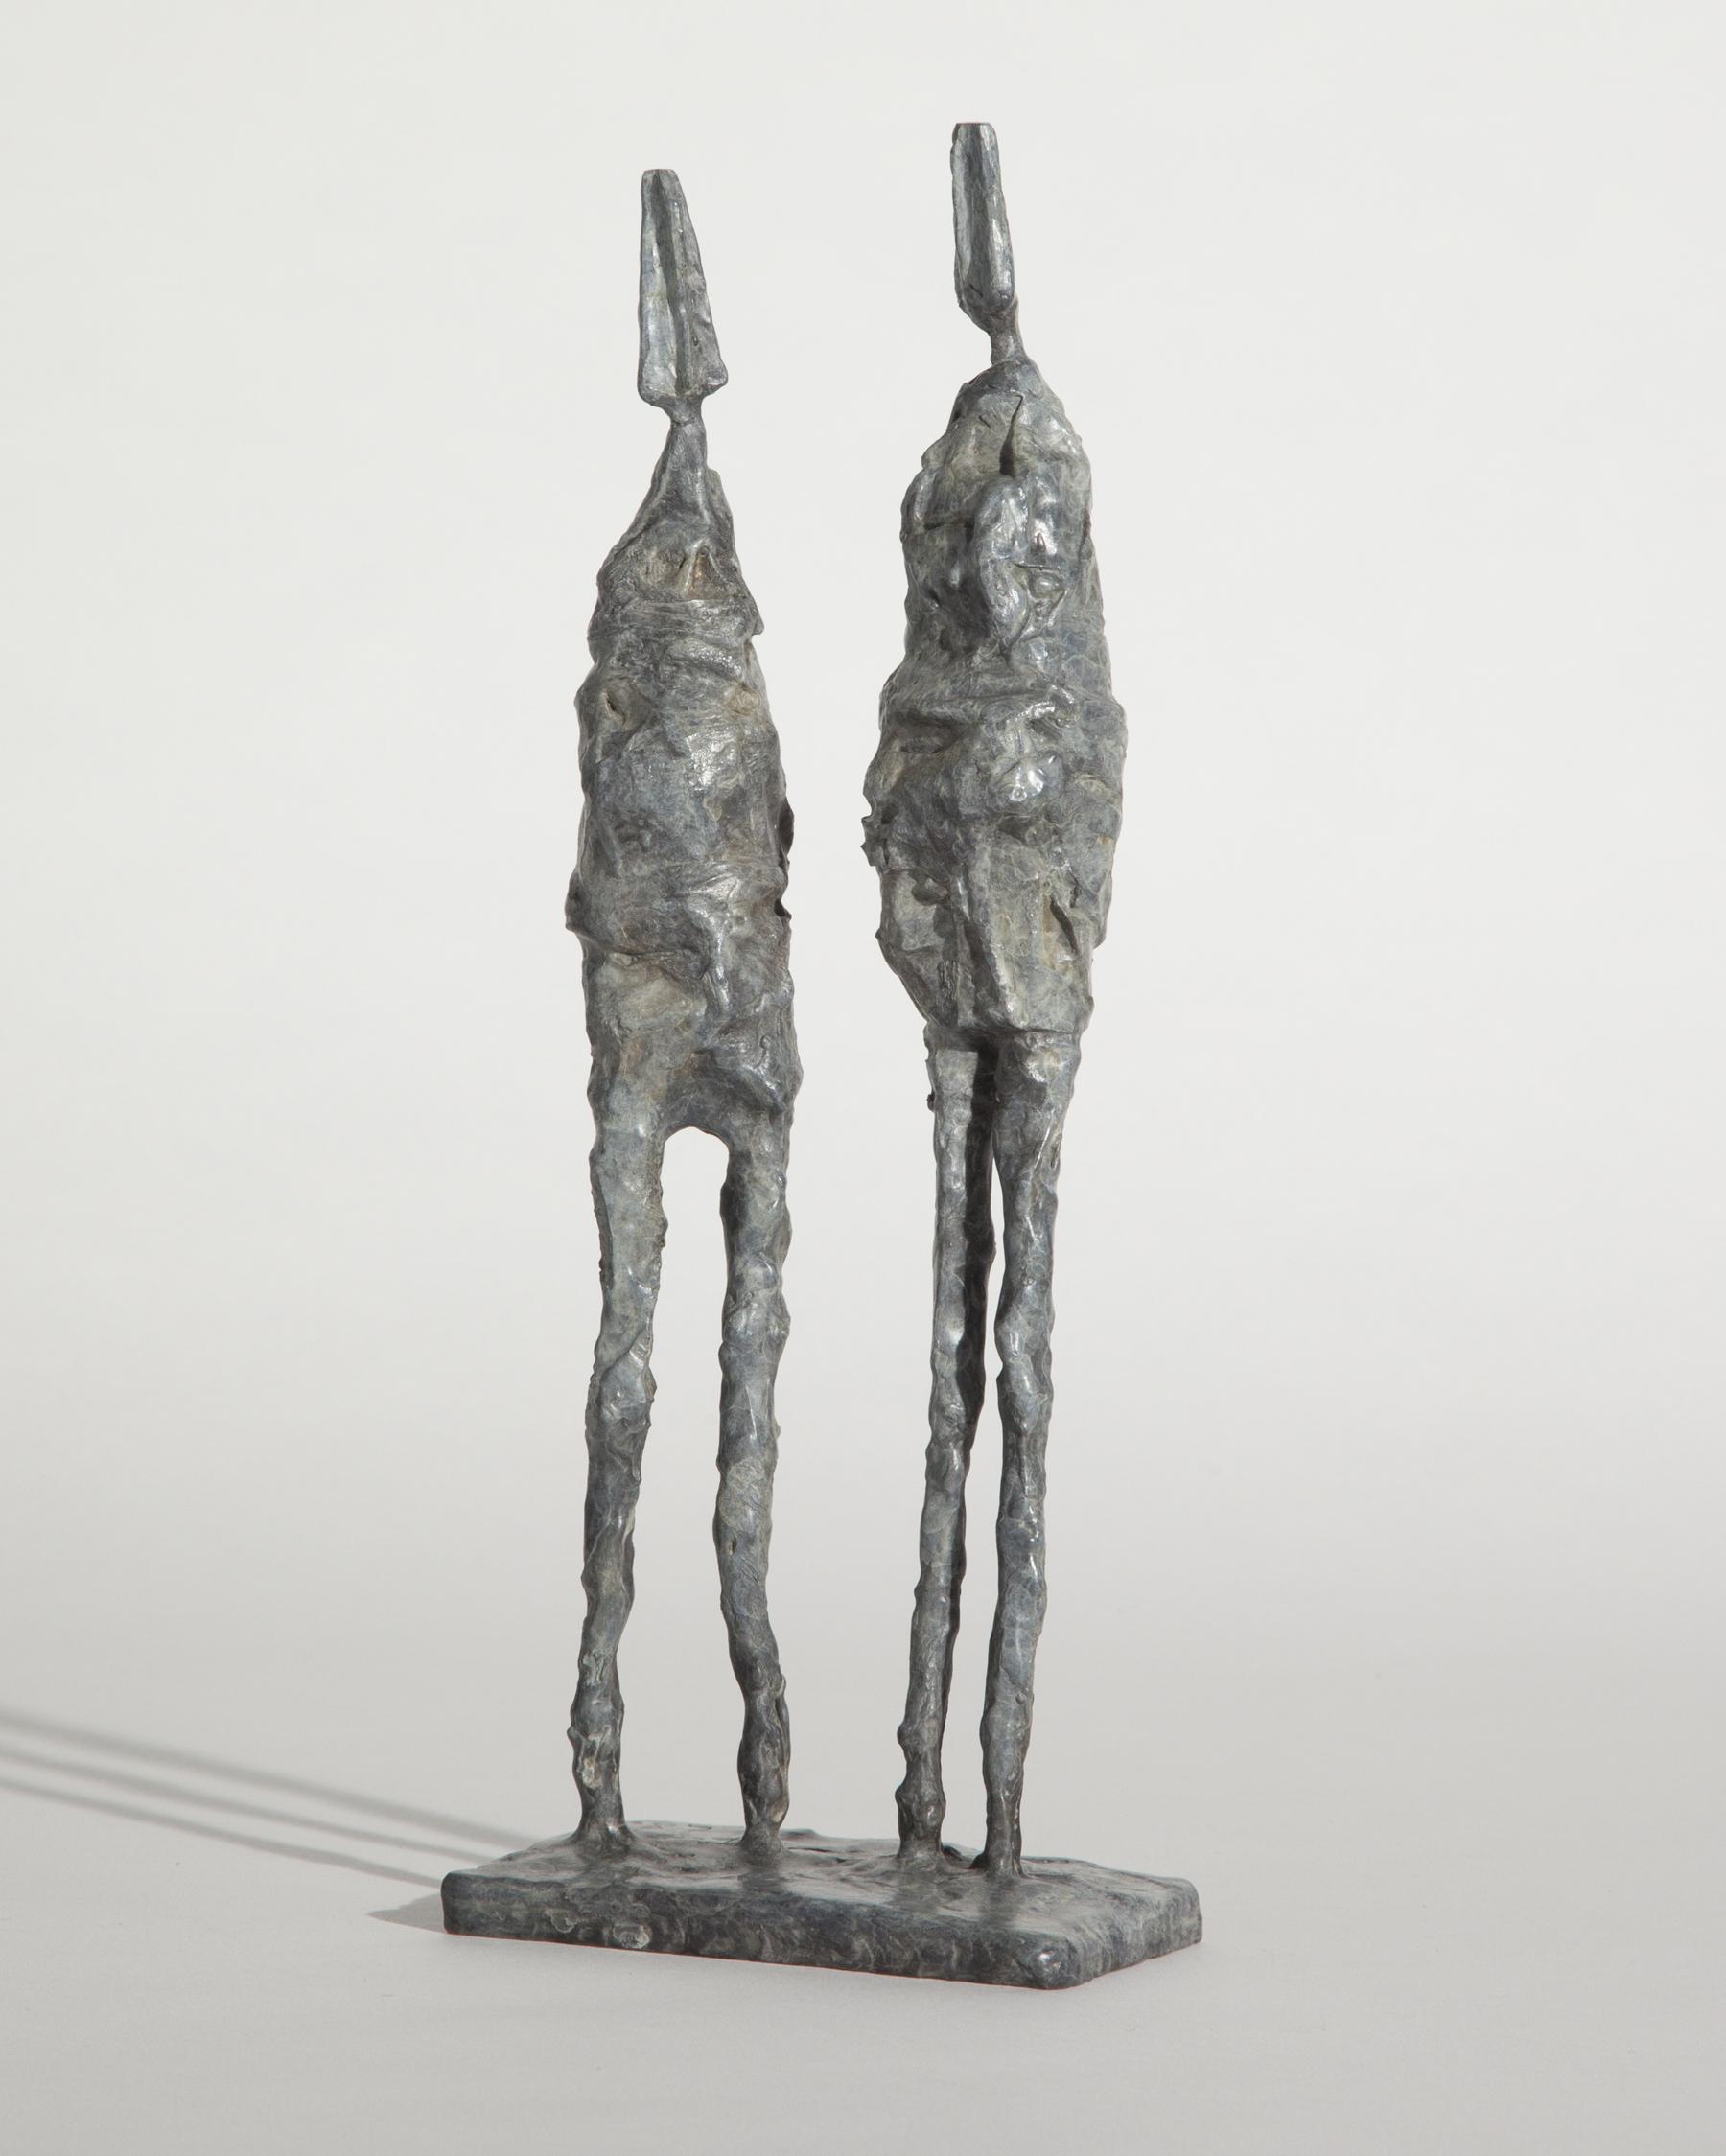 Companions_gus_farnes_sculpture2_001.jpg